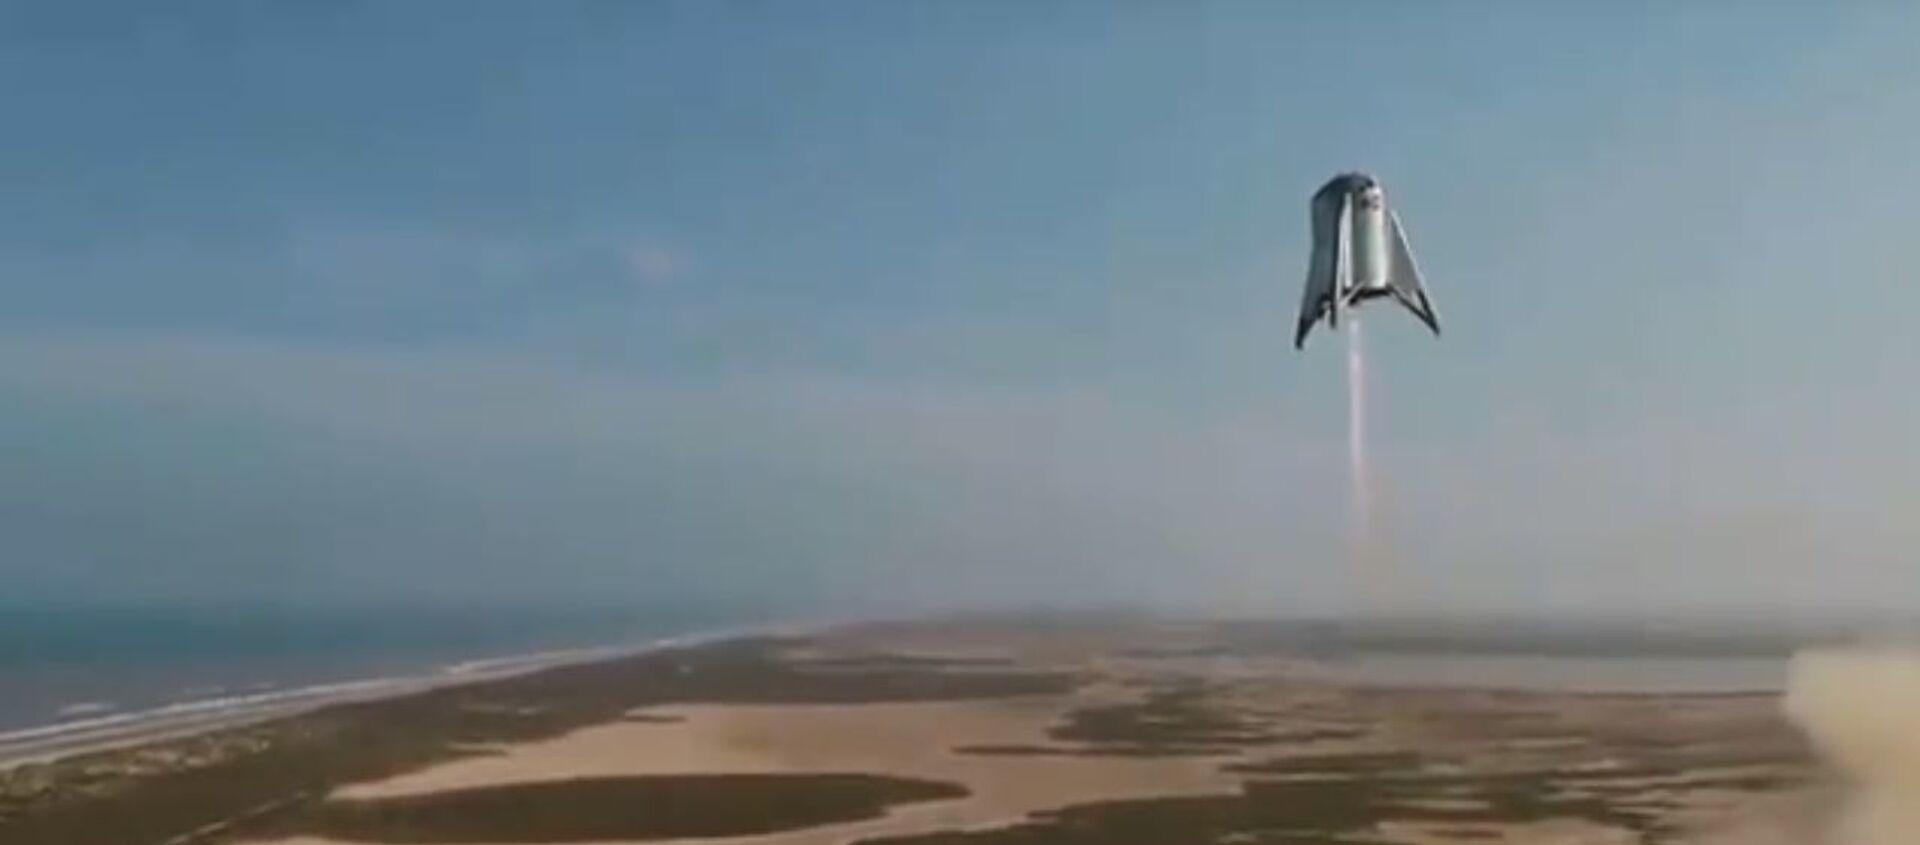 La navetta Starhopper di SpaceX a 150 metri da terra - Sputnik Italia, 1920, 02.02.2021